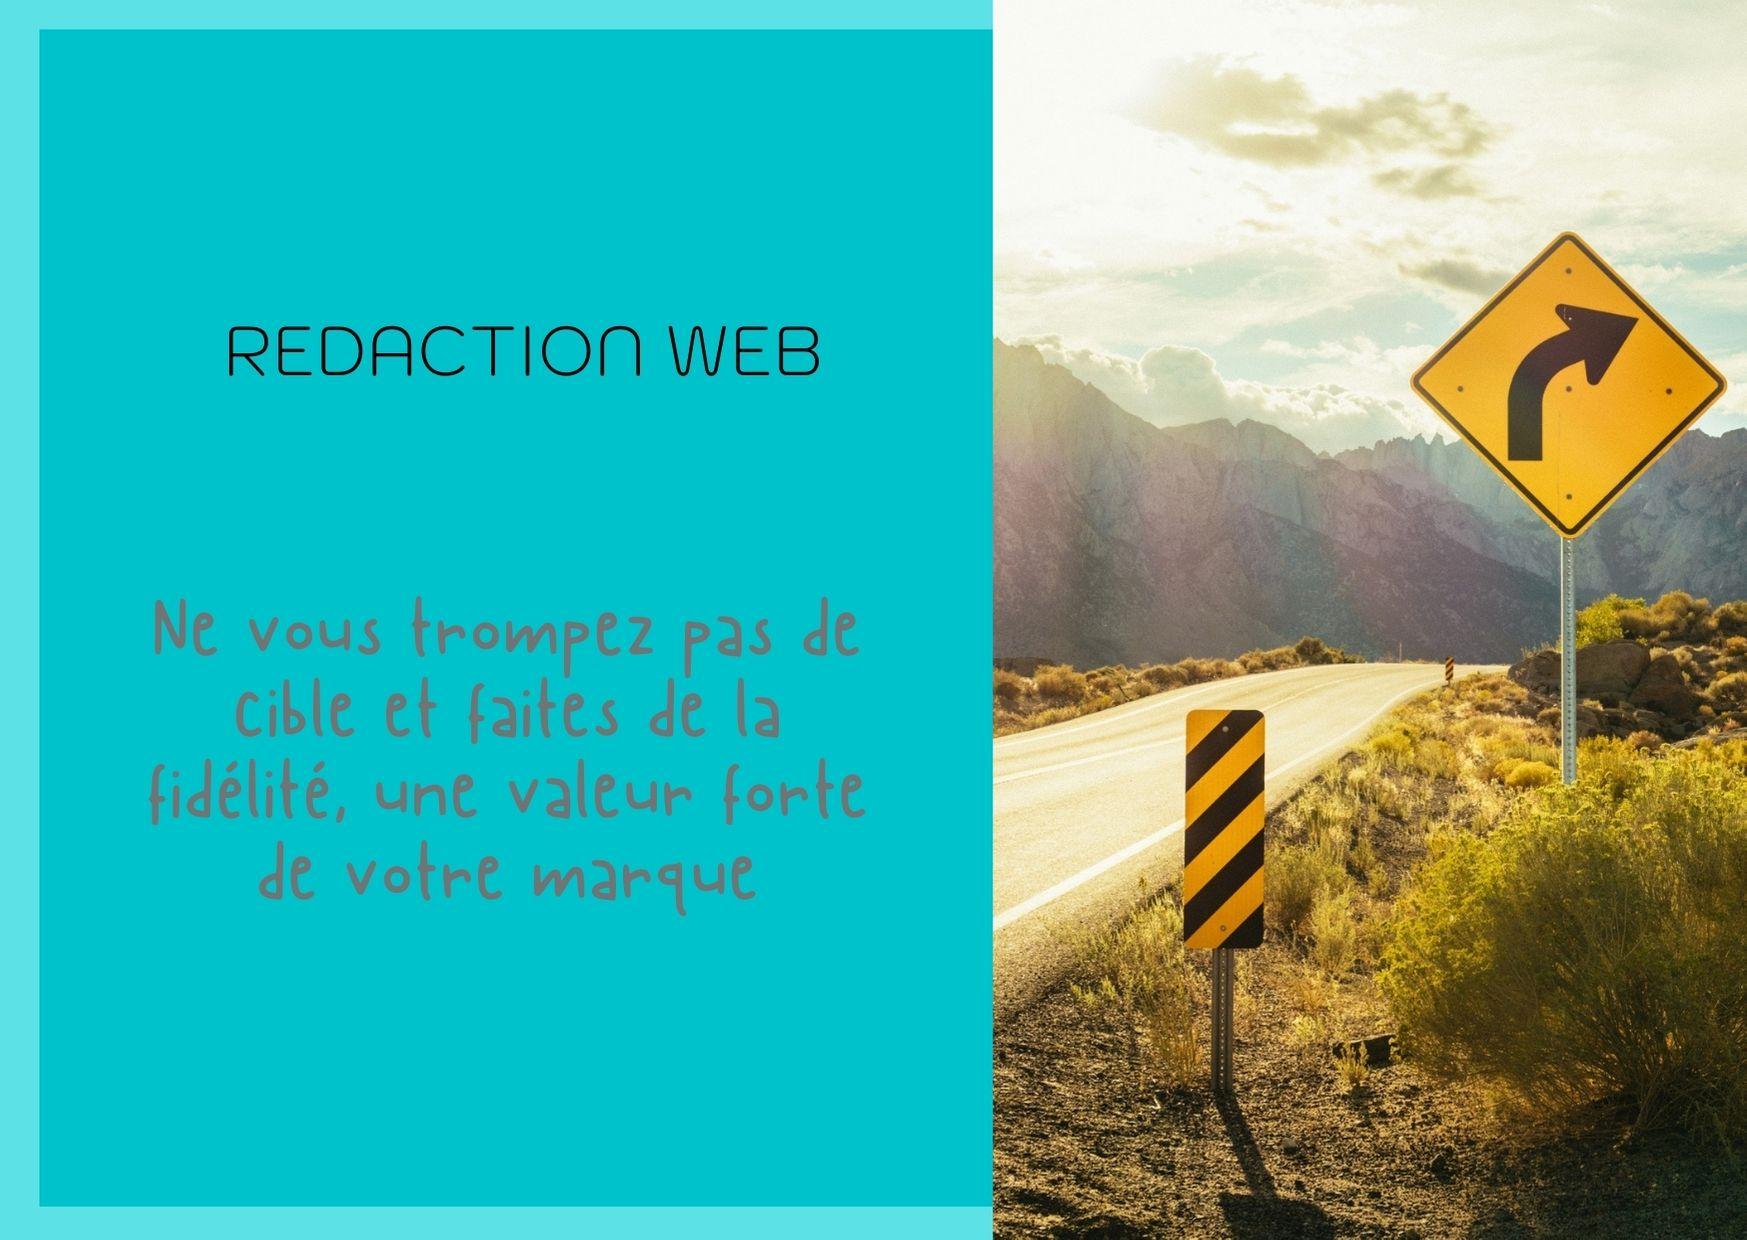 Stratégie de rédaction web fidèle aux valeurs de la marque